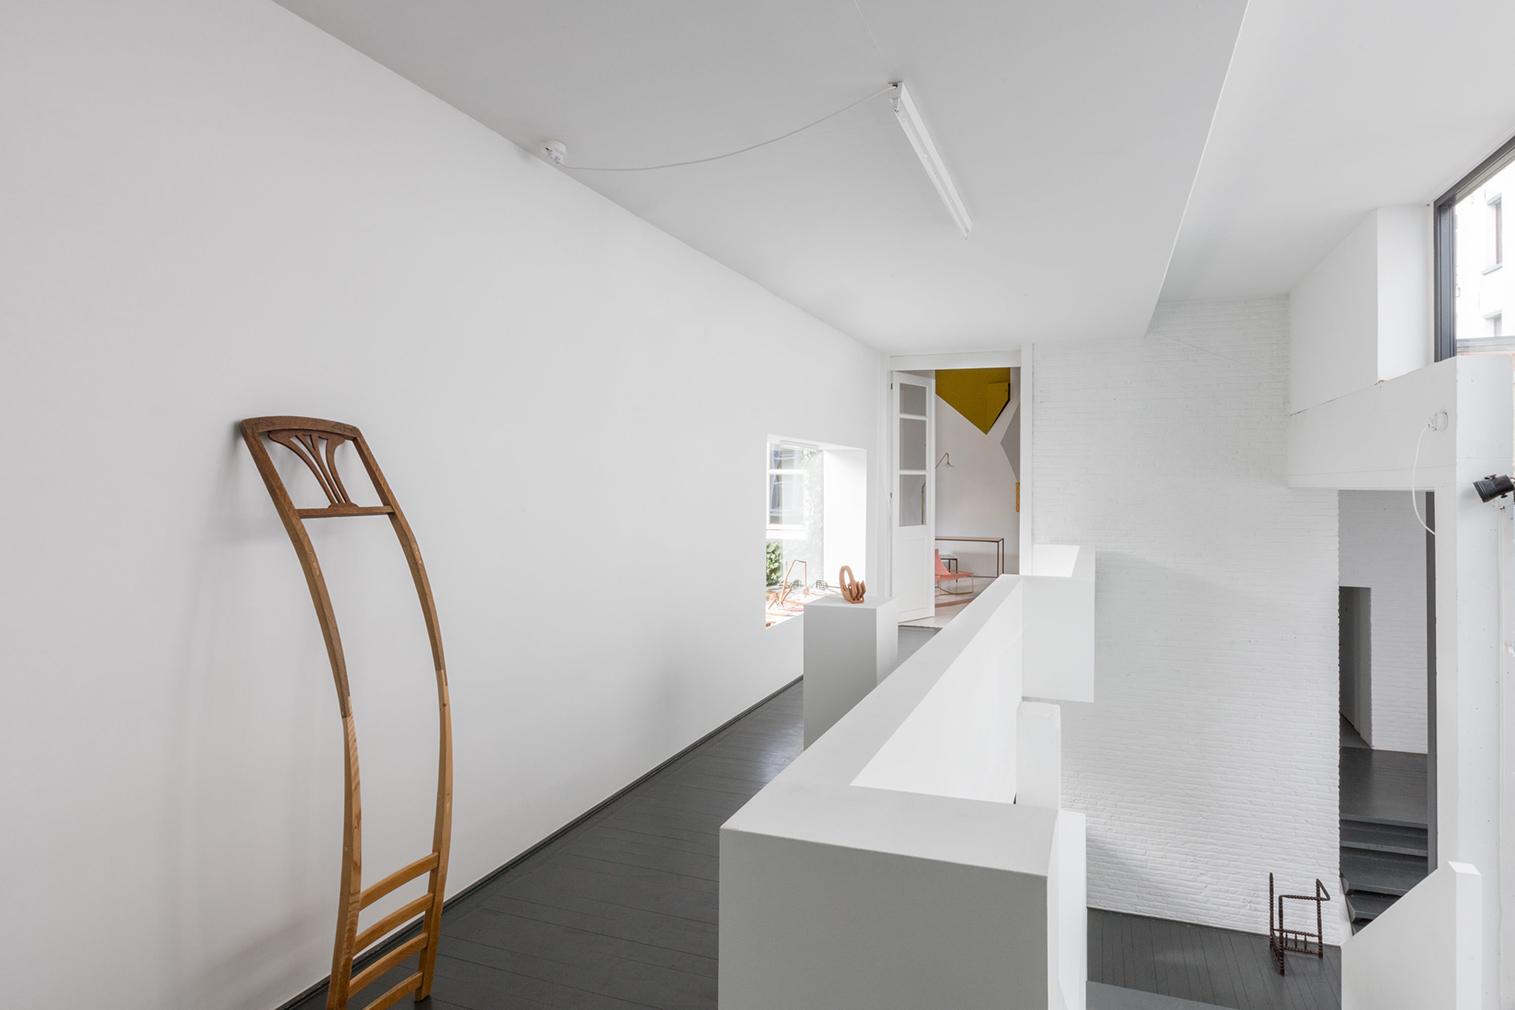 Valerie Traan gallery